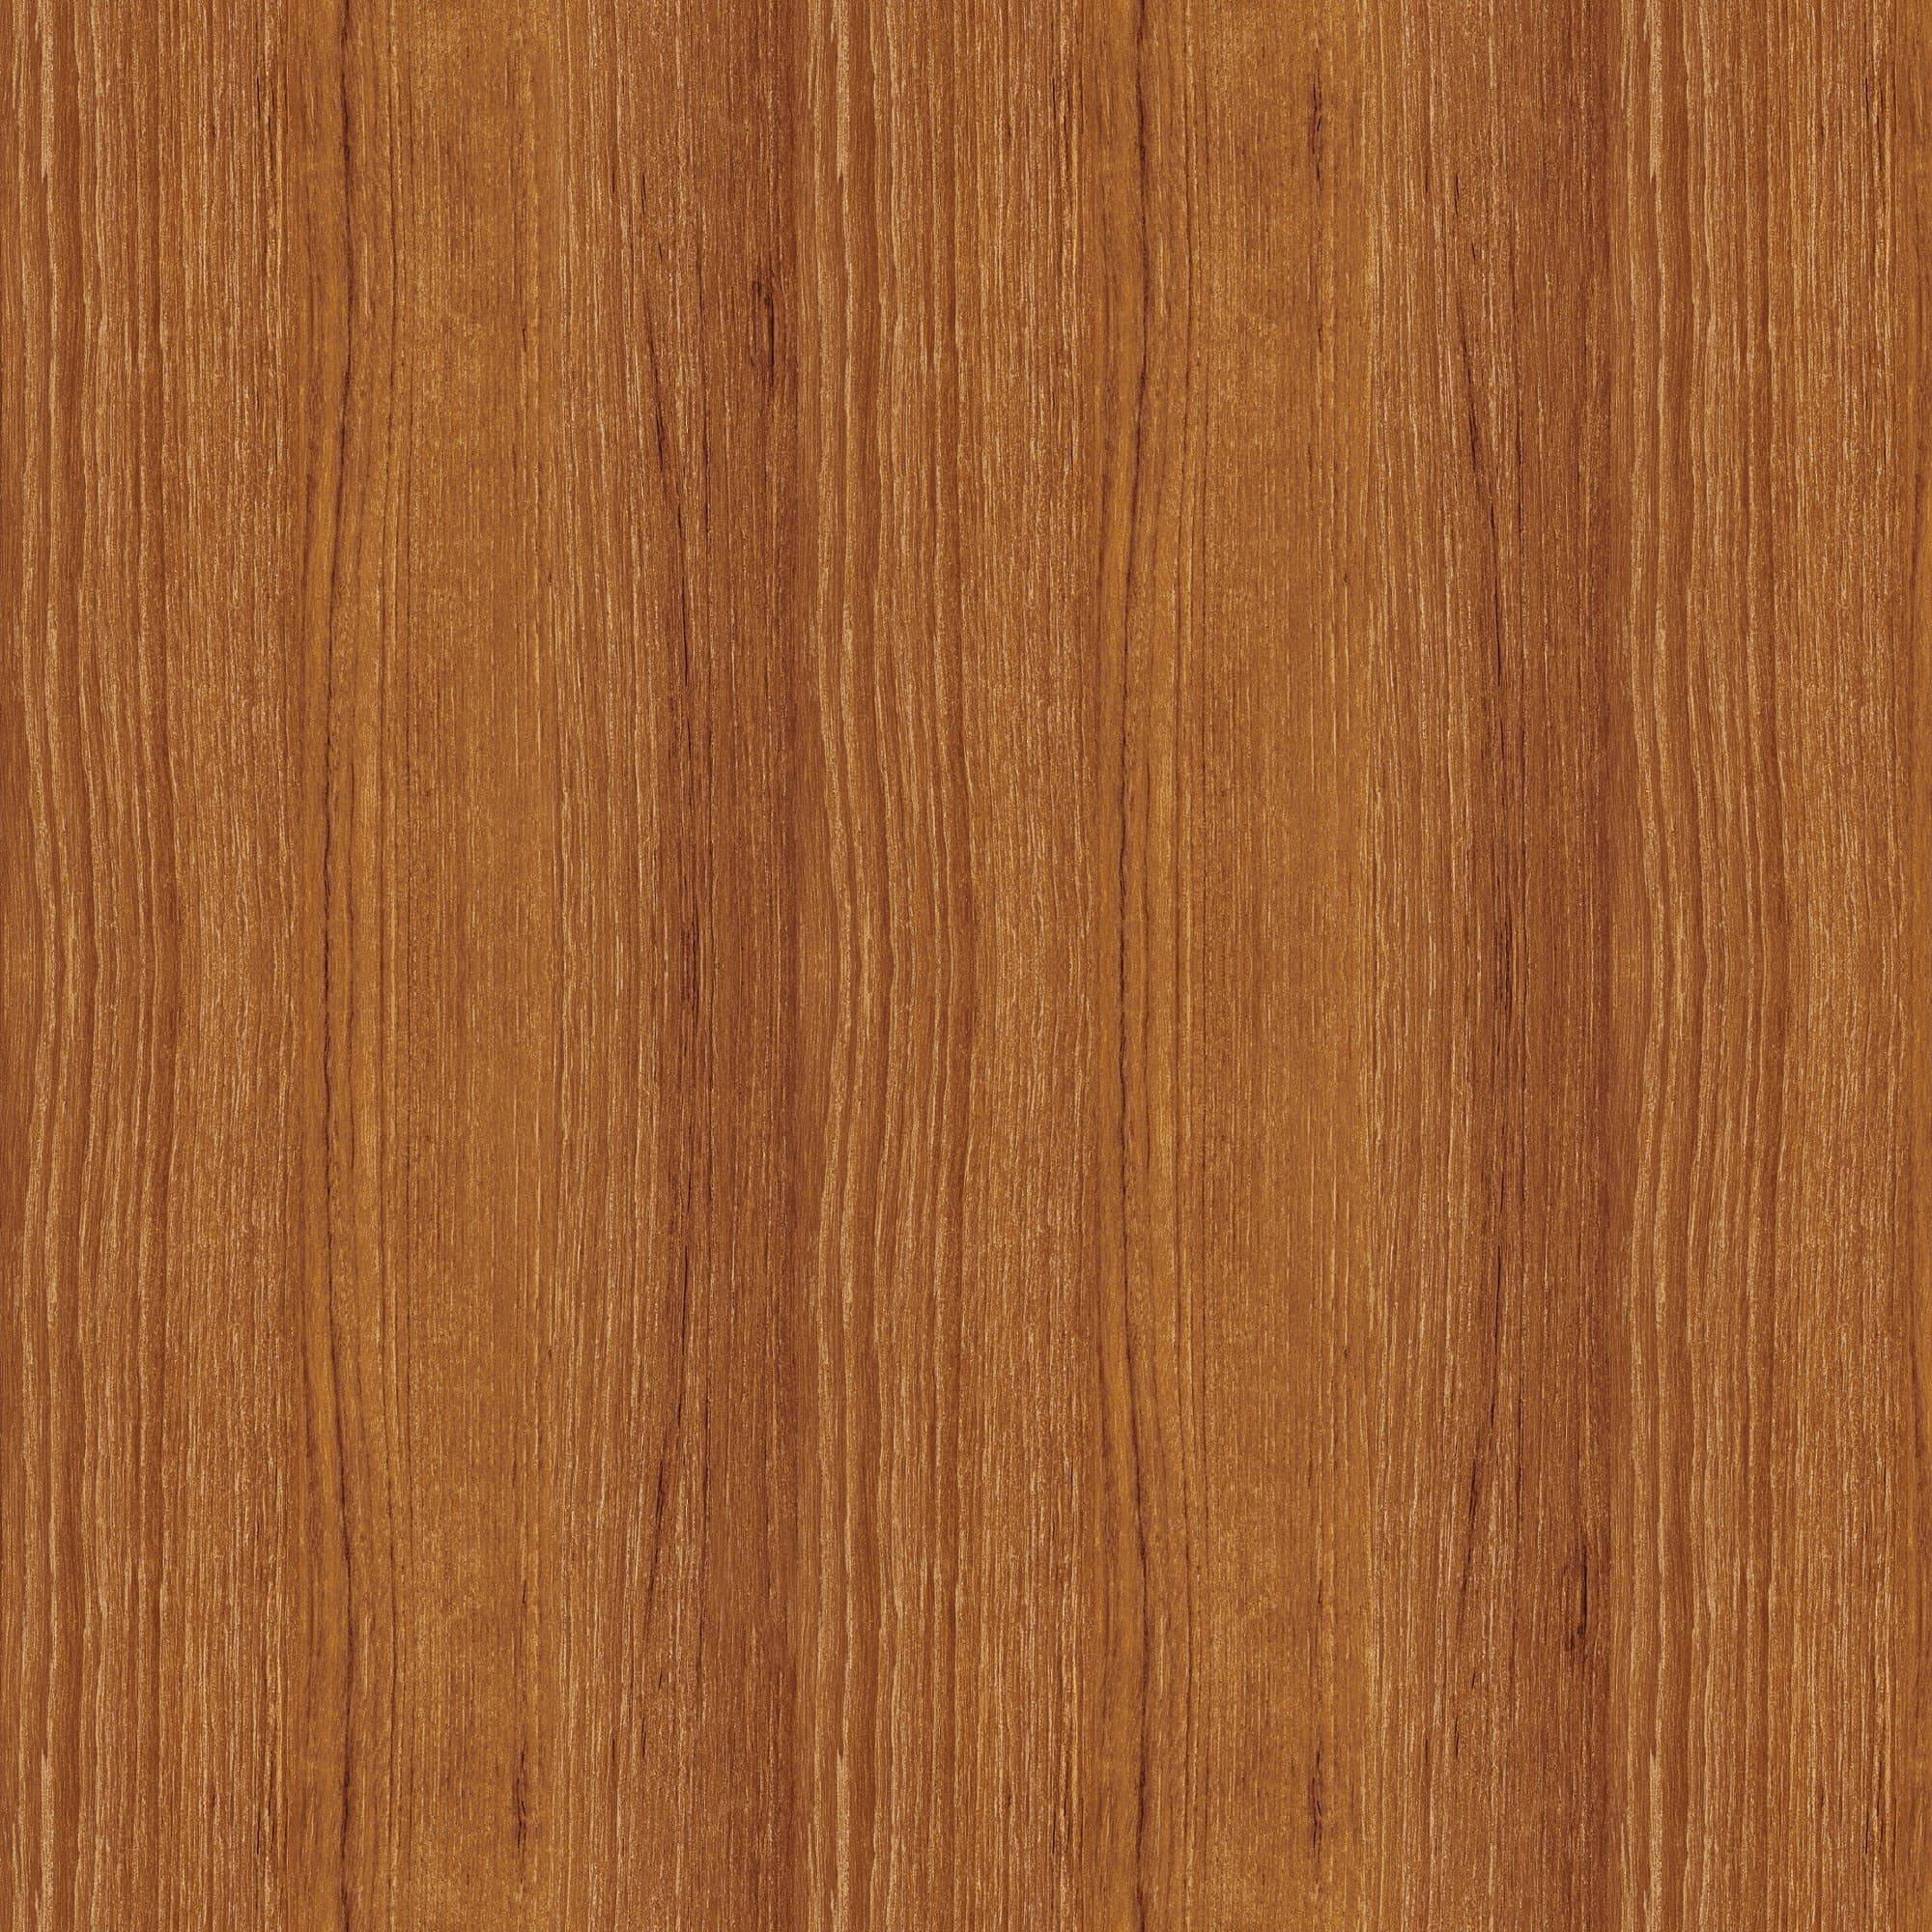 Имидж Мастер, Стойка администратора ресепшн Фуксия (17 цветов) Дерево имидж мастер стойка администратора ресепшн фуксия 17 цветов синий